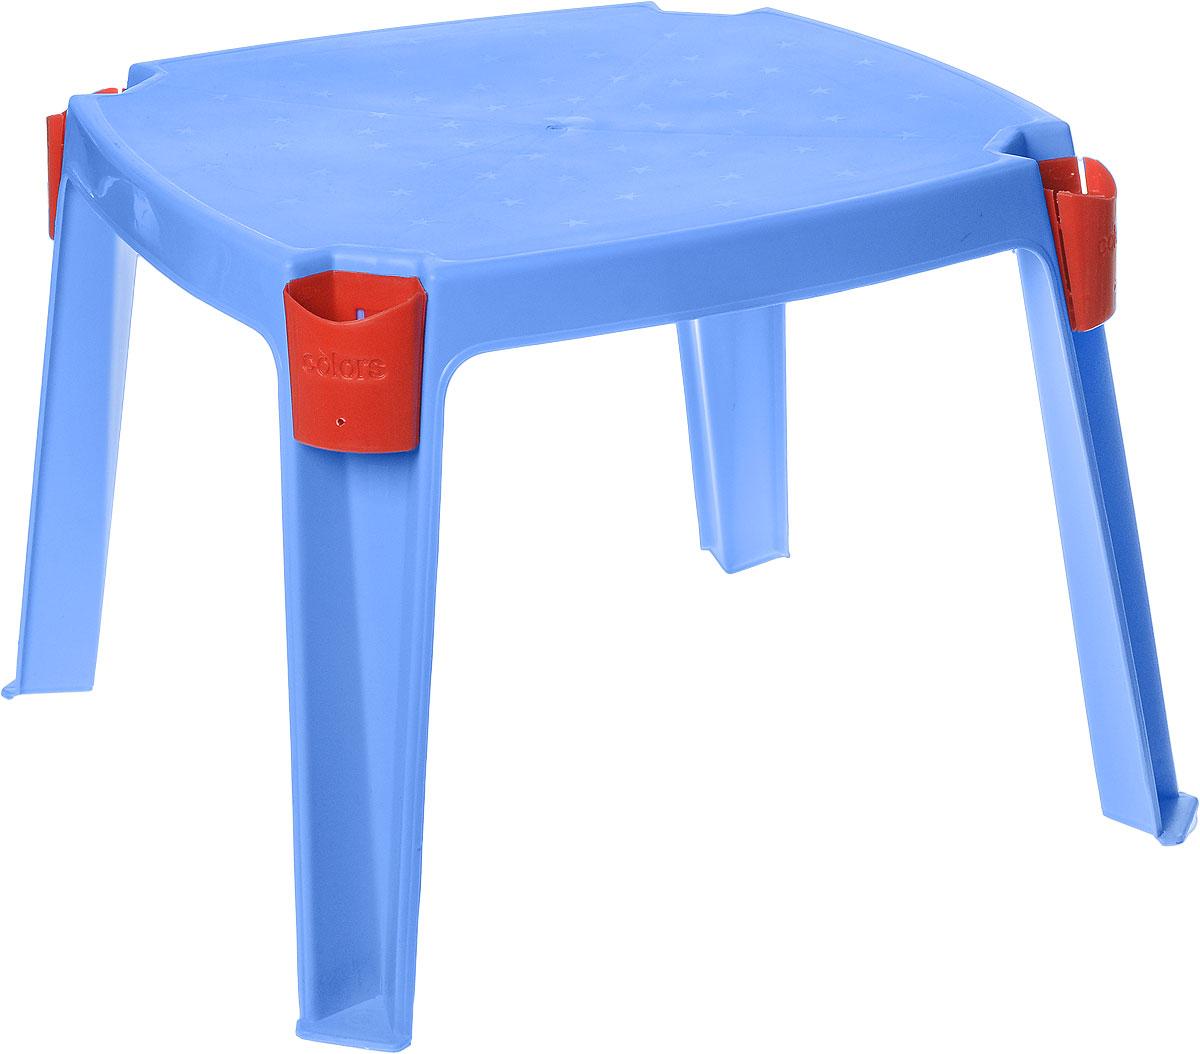 PalPlay Стол детский с карманами цвет голубой 53 см х 53 см364_голубойУдобный детский столик PalPlay необходим каждому ребенку. За столиком ребенок может играть, заниматься творчеством. Изделие, изготовленное из прочного, но легкого пластика, оснащено удобными кармашками для хранения различных предметов. Теперь у малыша будет отдельный столик, который идеально подойдет ему по размеру и он сможет приглашать на чаепитие своих друзей, в том числе и плюшевых, а также заниматься творческой работой: рисовать, лепить, раскрашивать.